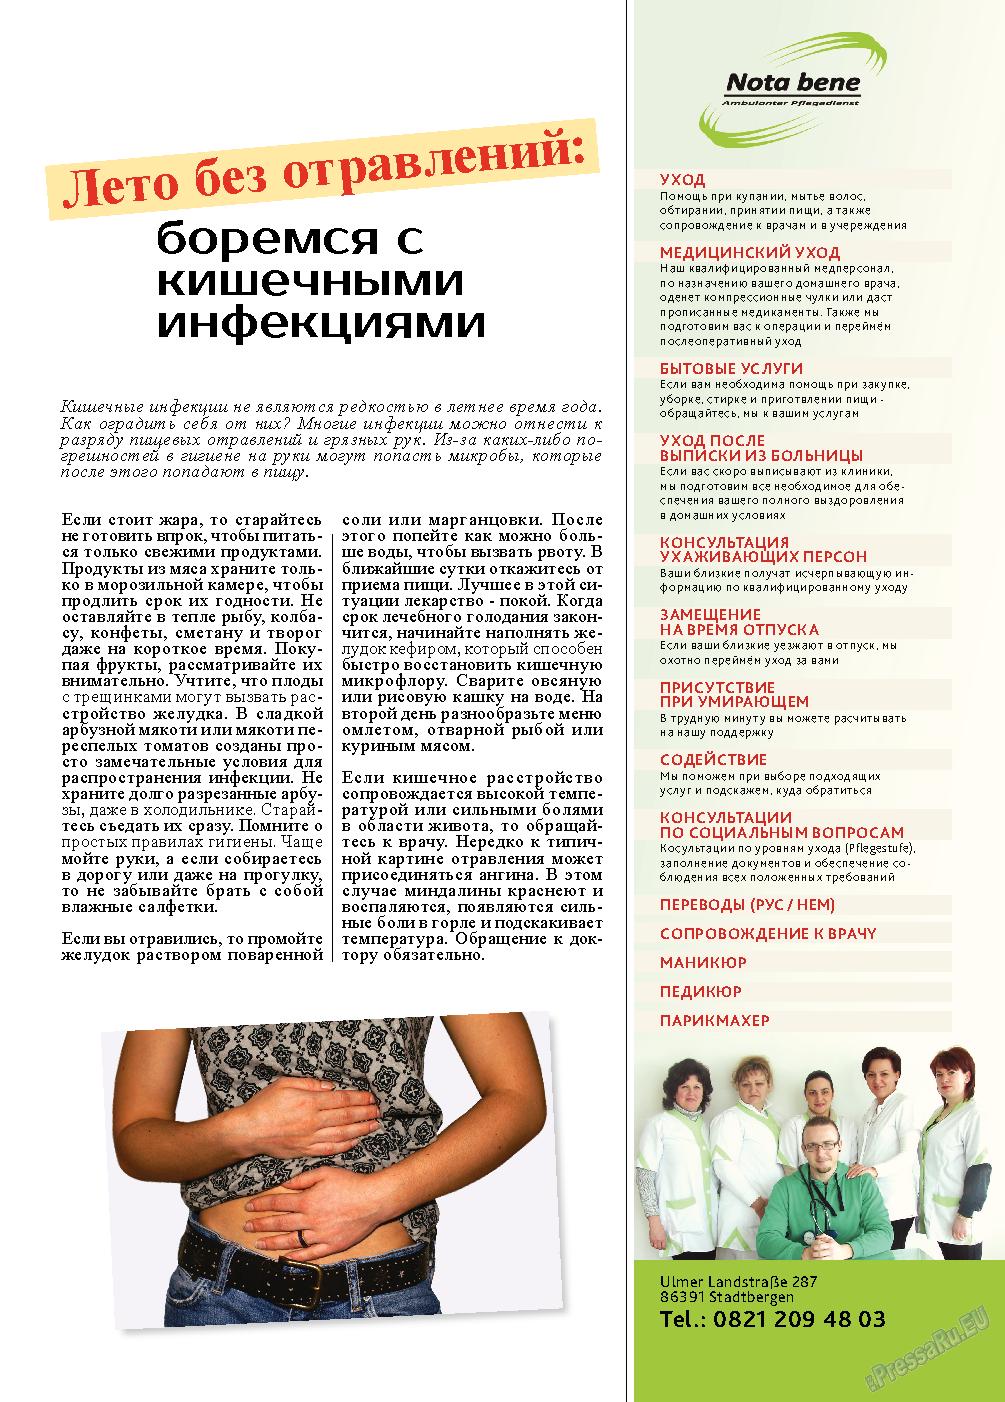 Афиша Augsburg (журнал). 2013 год, номер 8, стр. 11